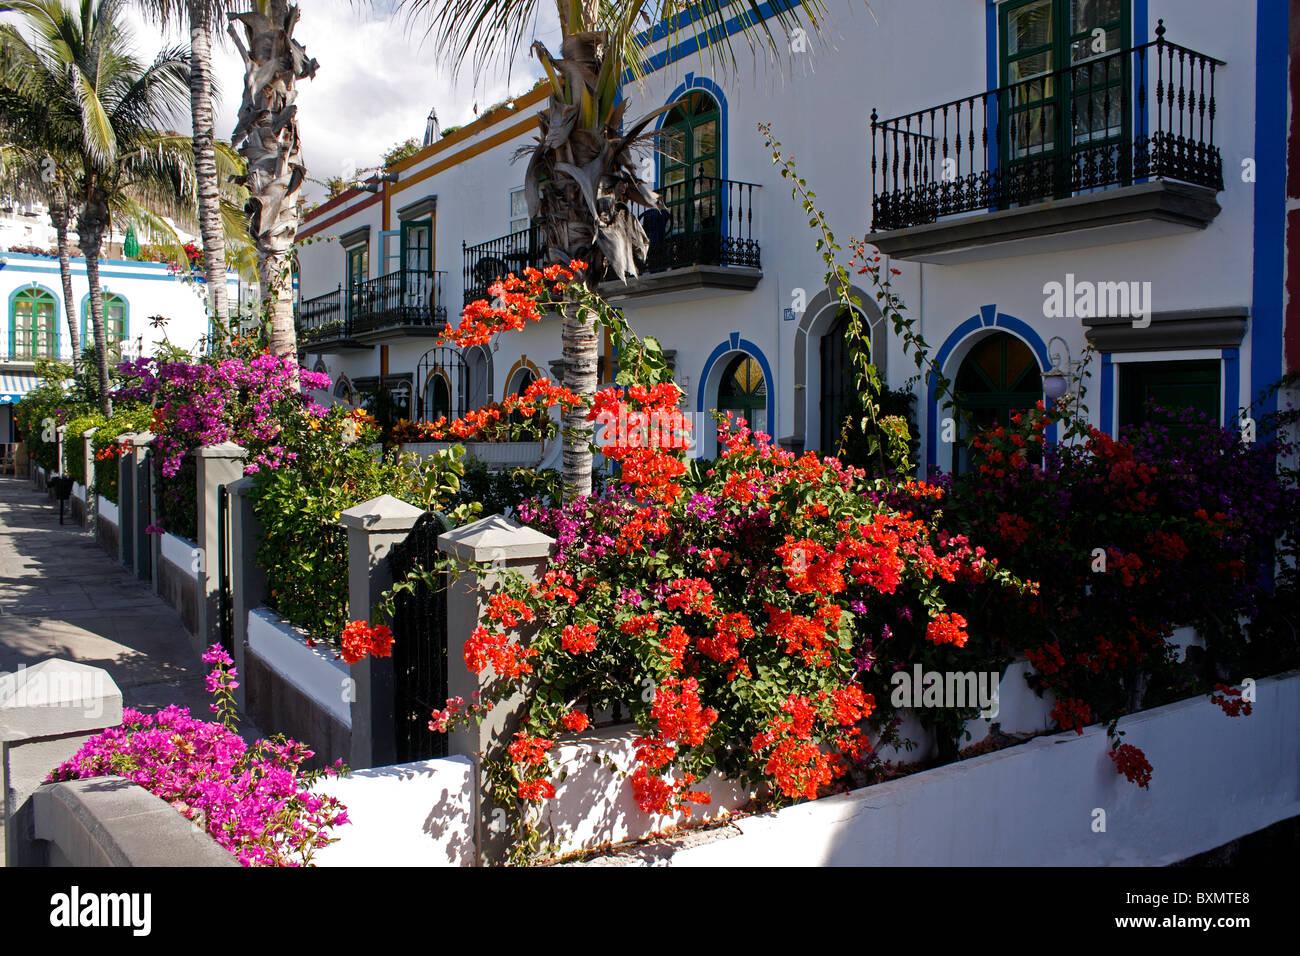 BUNTEN traditionellen kanarischen Häuser in PUERTO de MOGAN auf der Kanarischen Insel GRAN CANARIA. EUROPA. Stockfoto